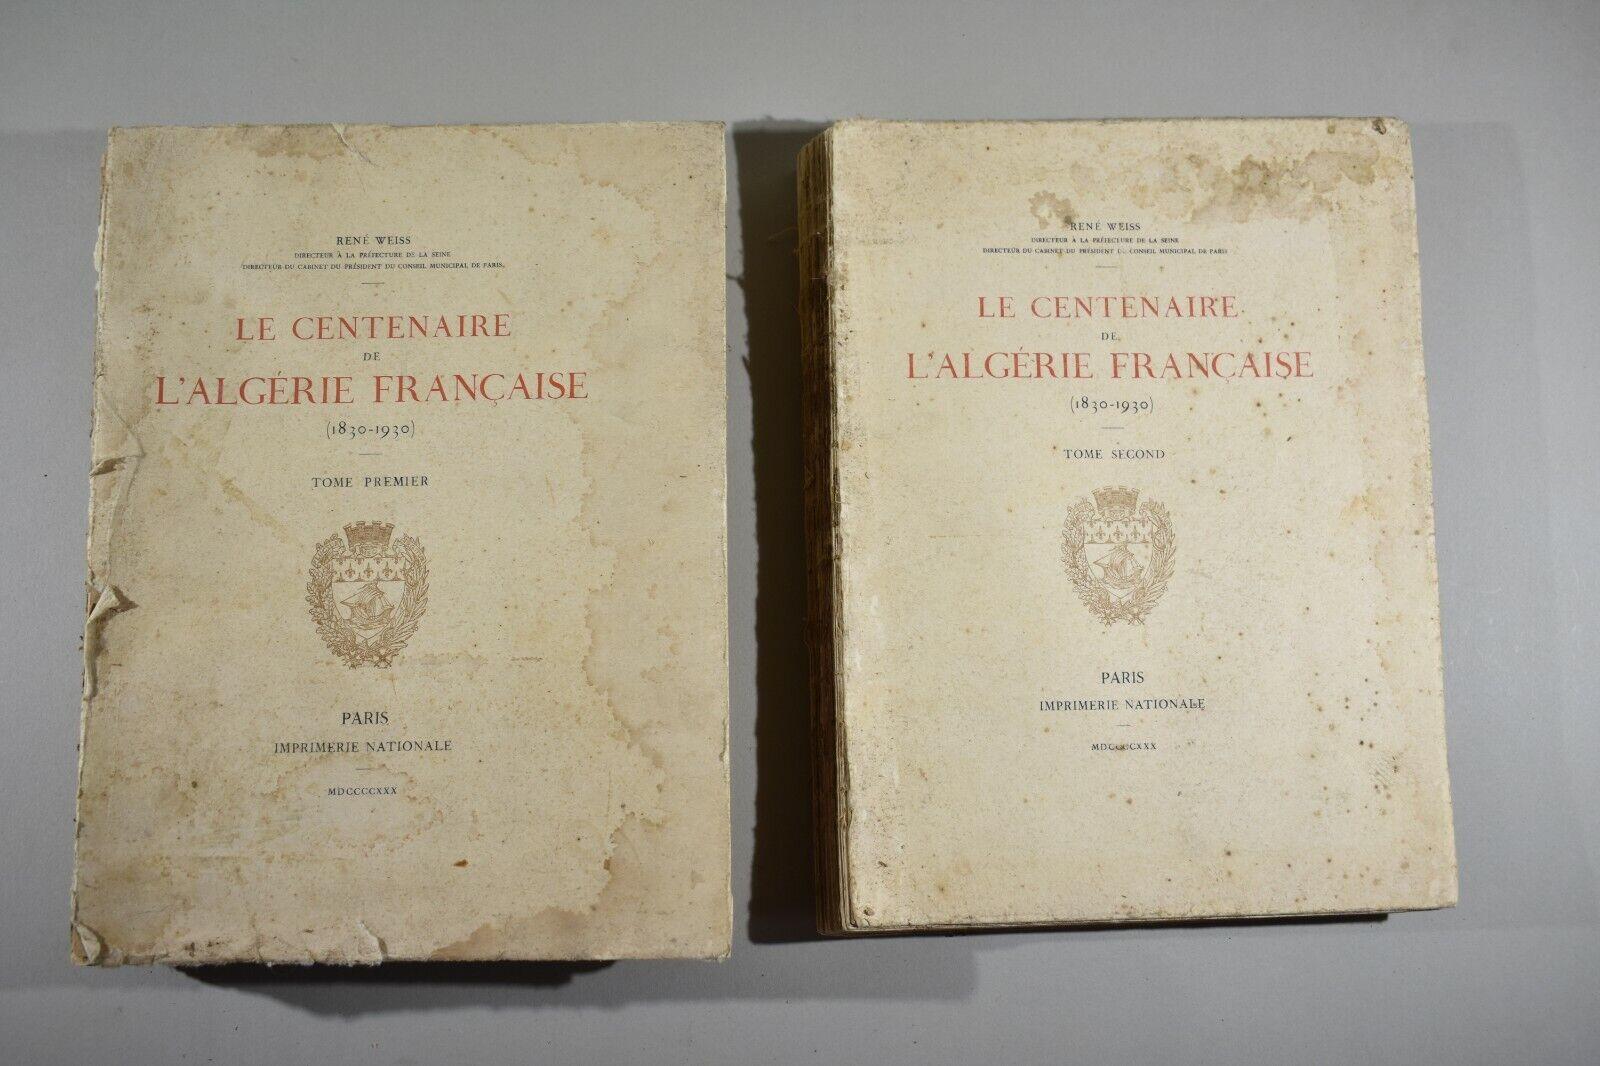 Le Centenaire de l'Algérie française (1830 - 1930) [WEISS, René]